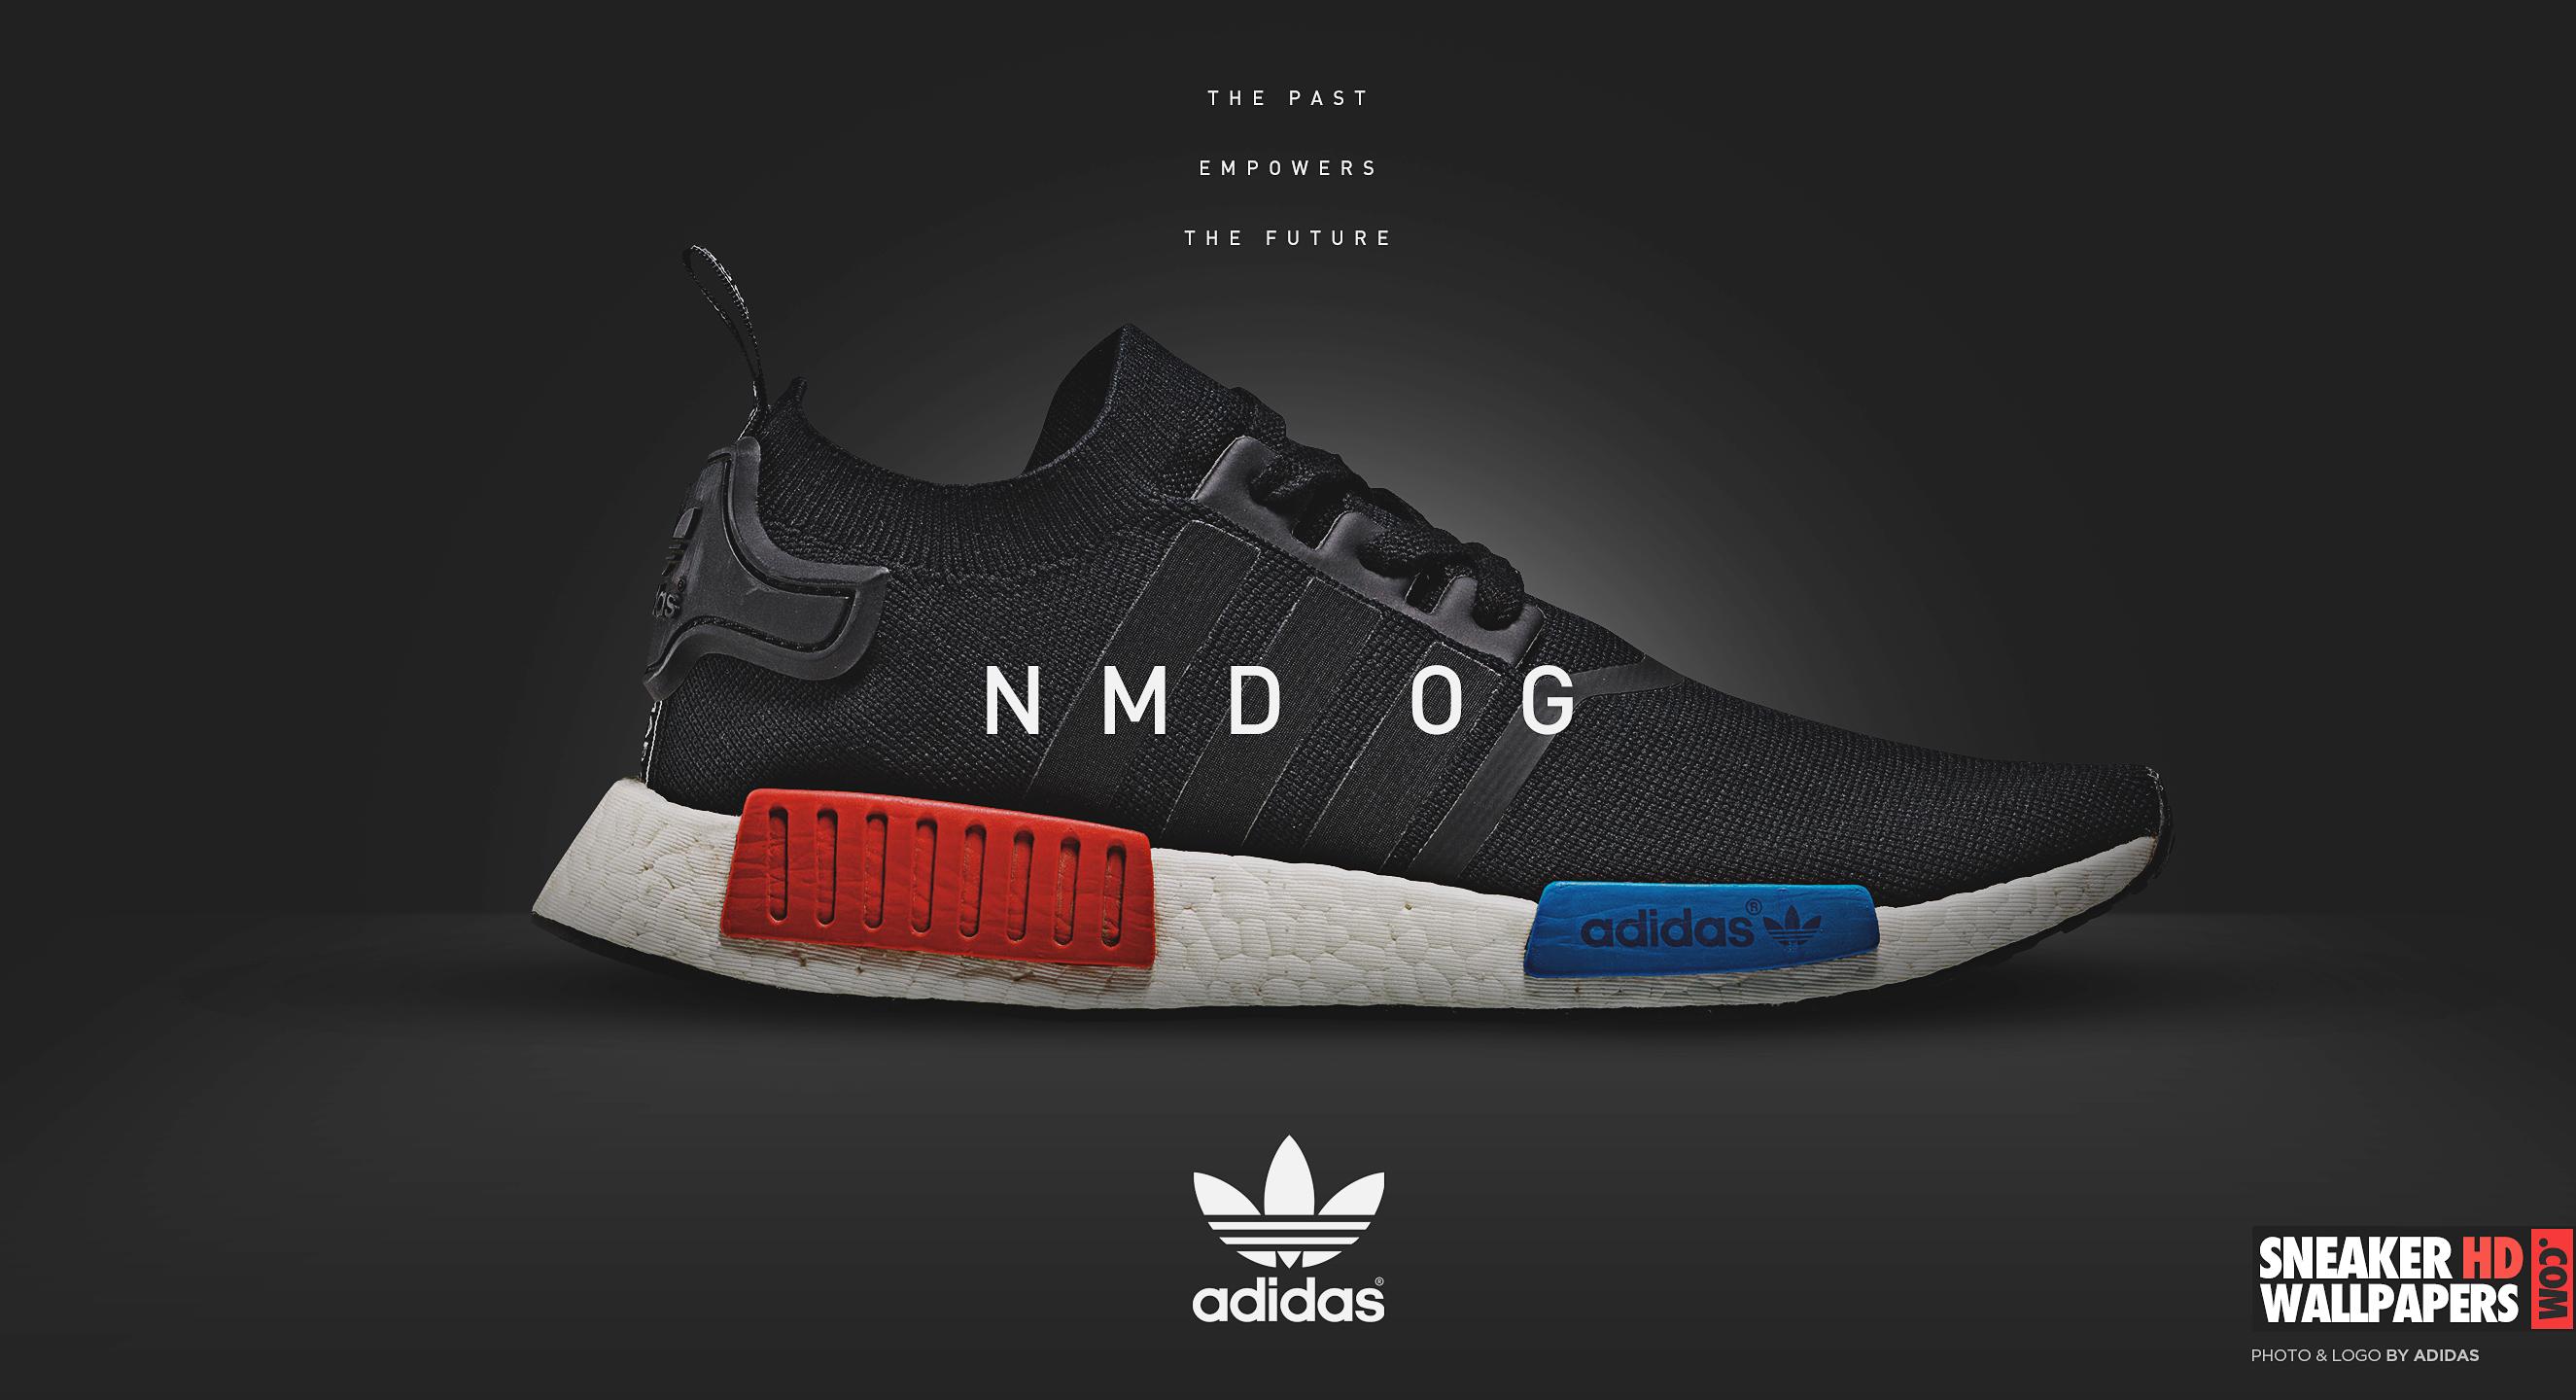 98+ Adidas Logo Wallpaper 2017 on WallpaperSafari